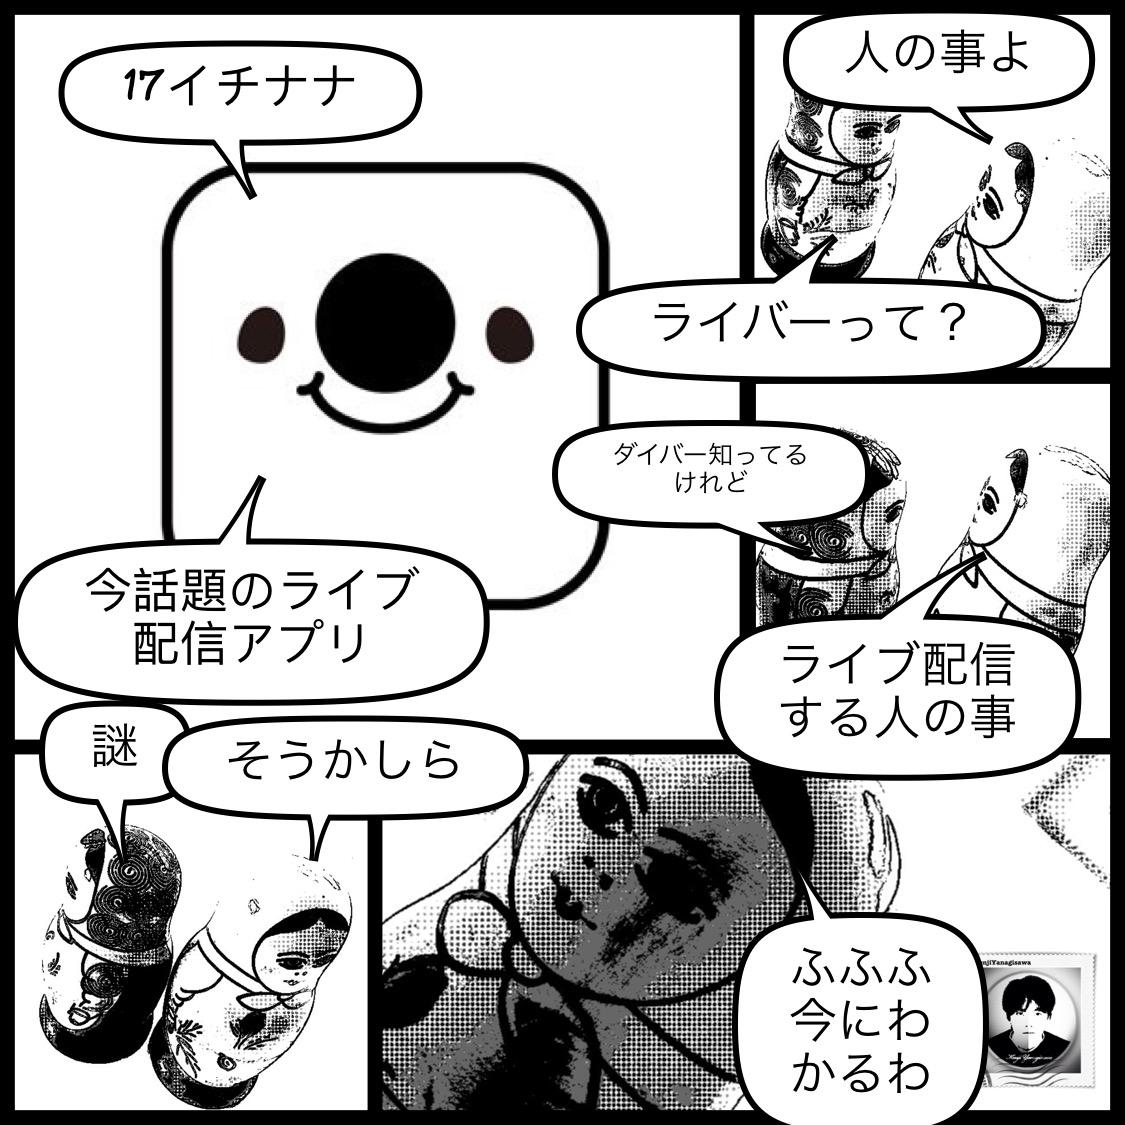 17イチナナは面白くてスゴイメディア!その理由:合成漫画柳澤